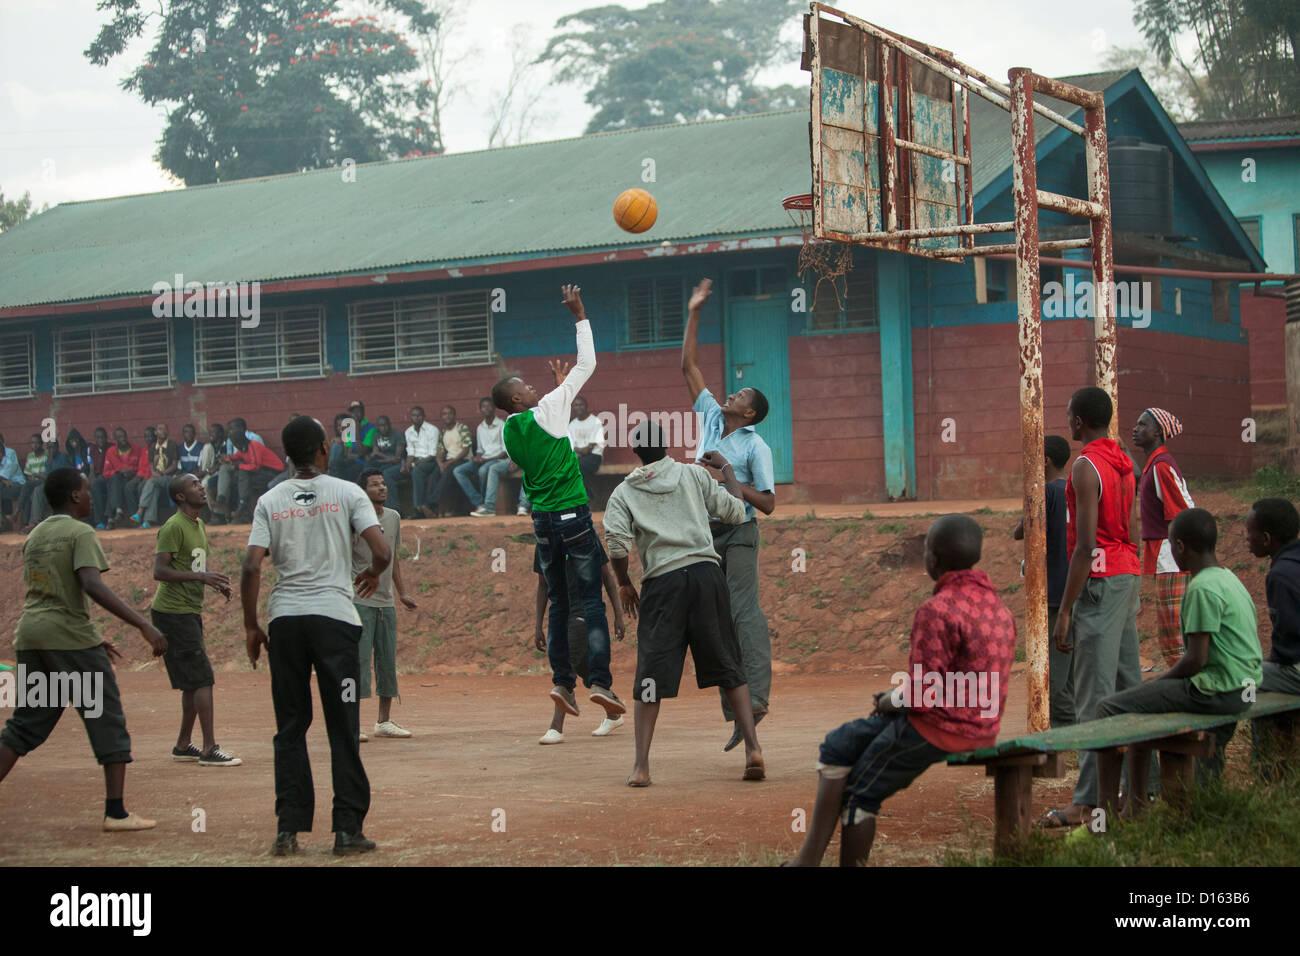 Les étudiants de niveau secondaire jouer au basket-ball après les cours à Nyeri, Kenya, Afrique de Photo Stock